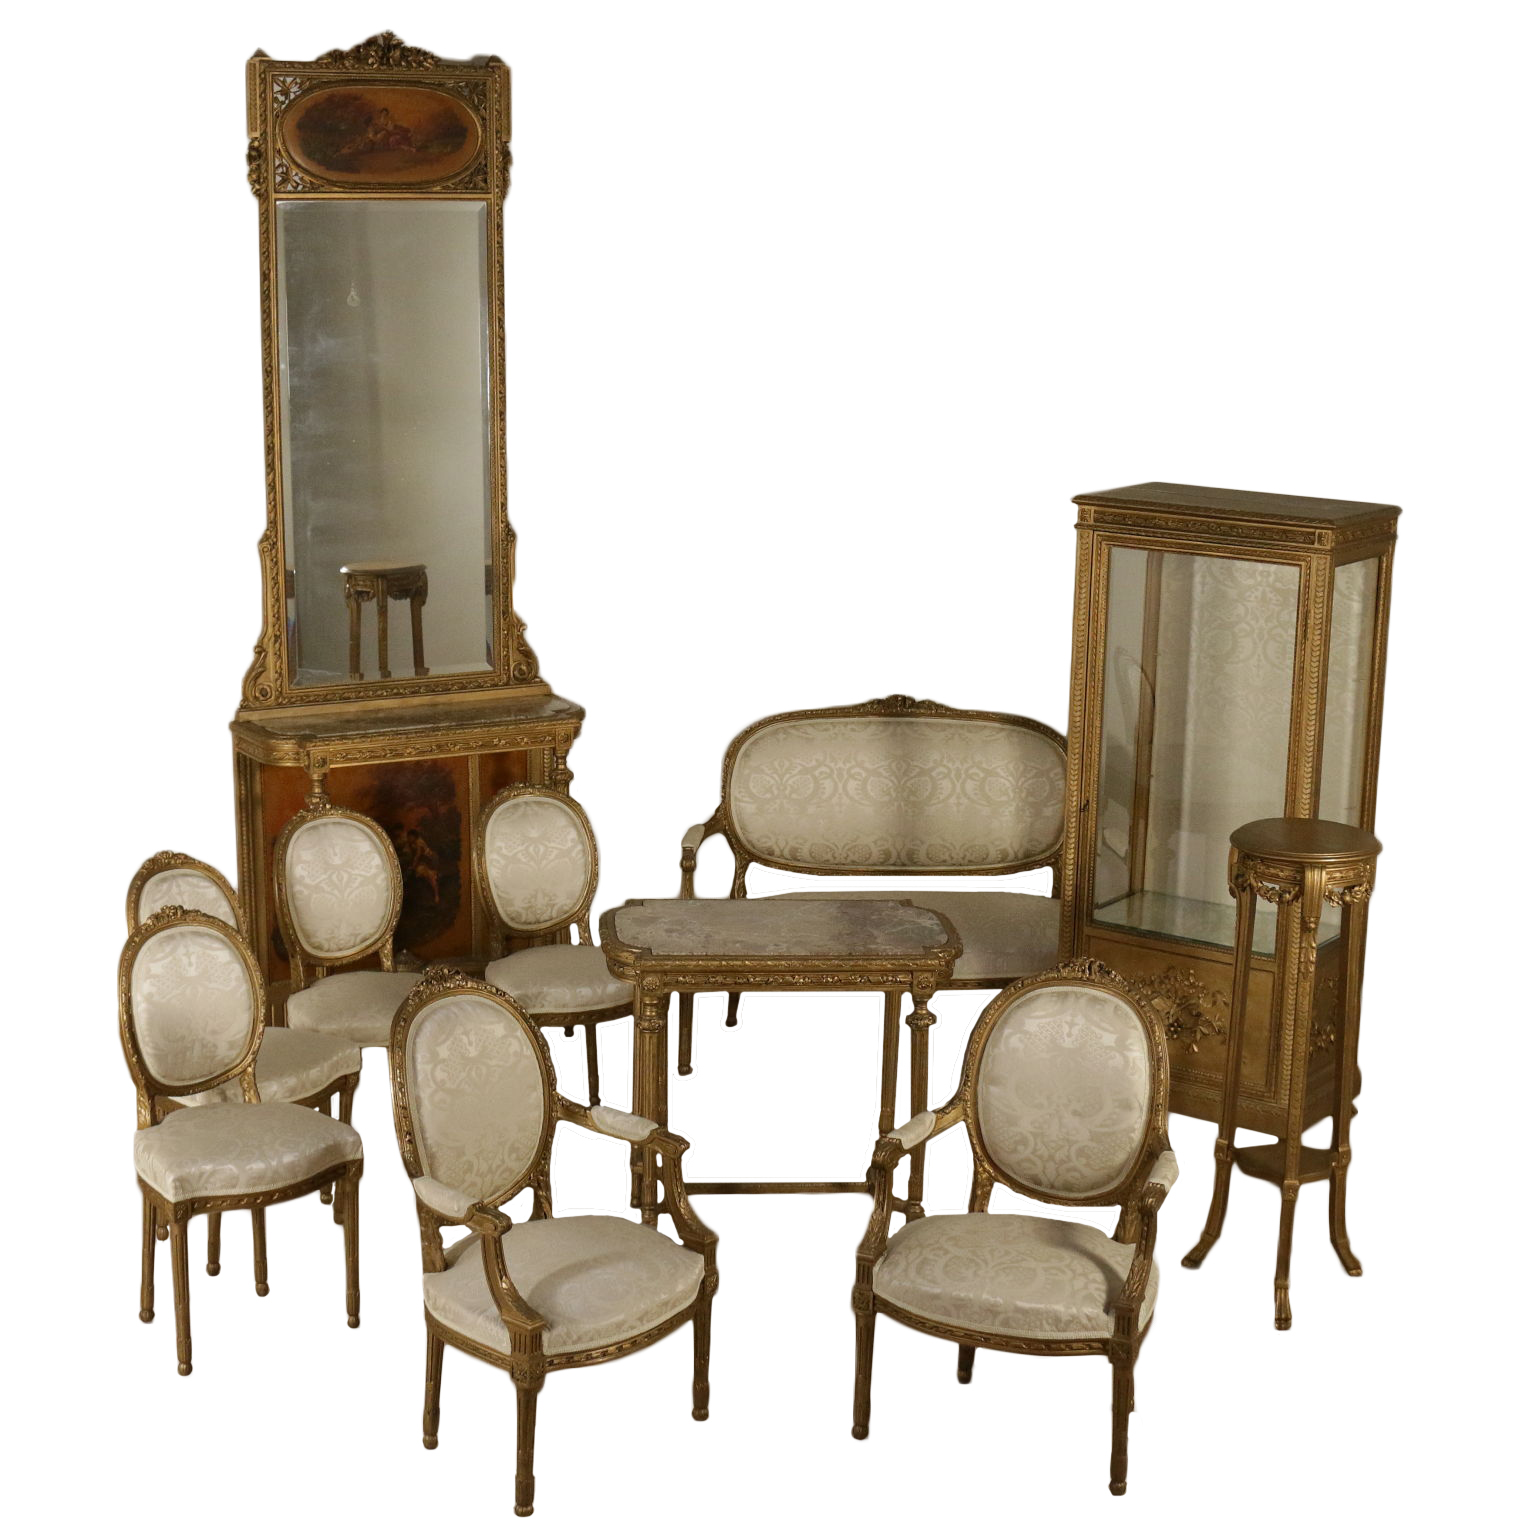 Wohnzimmer Komplett im Klassizistischen stil - Komplette Ausstattung ...